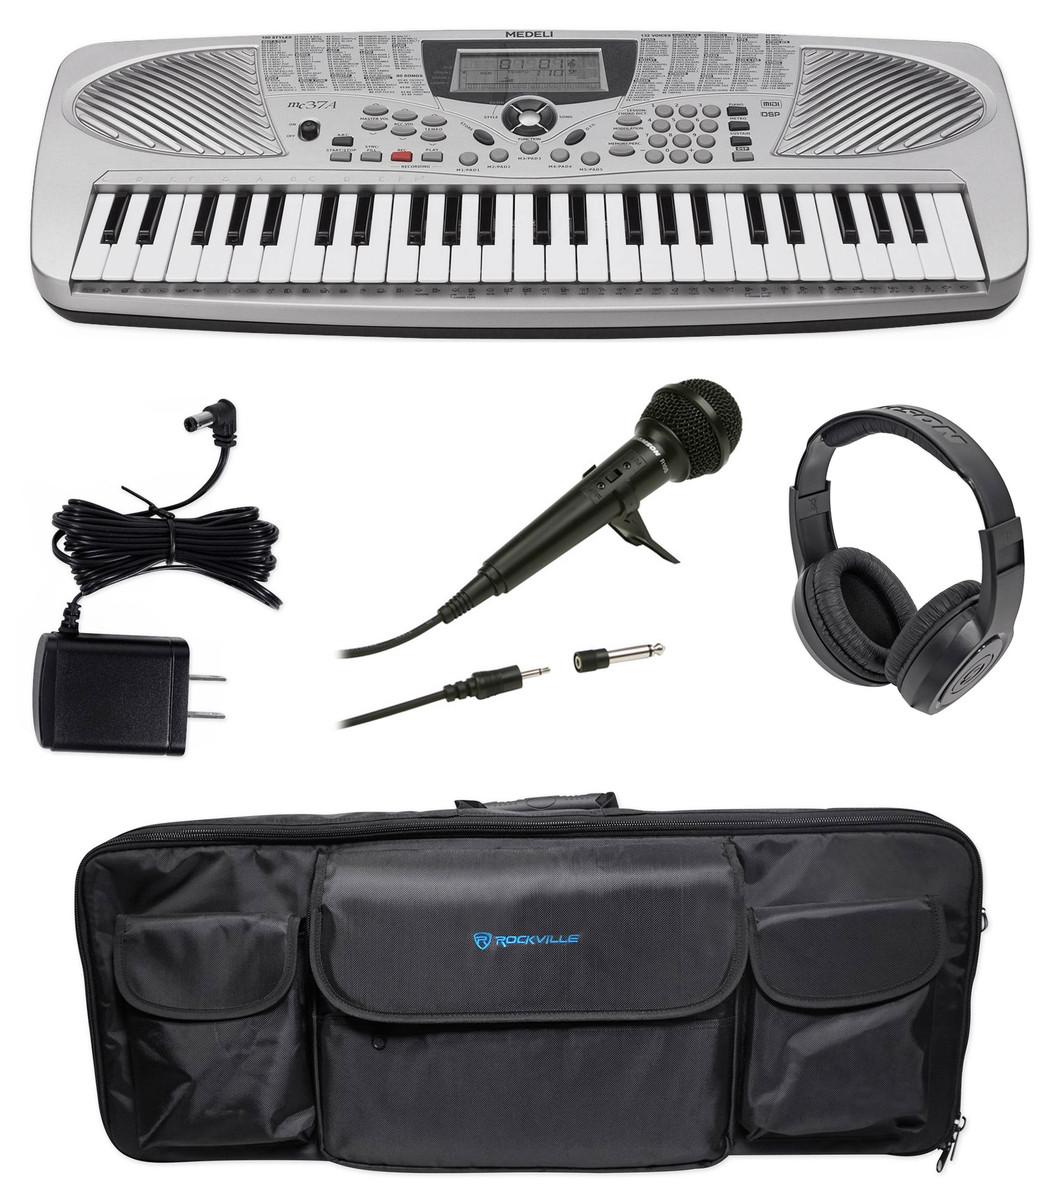 Rockville Bag Case for M-Audio Keystation 49 II Keyboard Controller